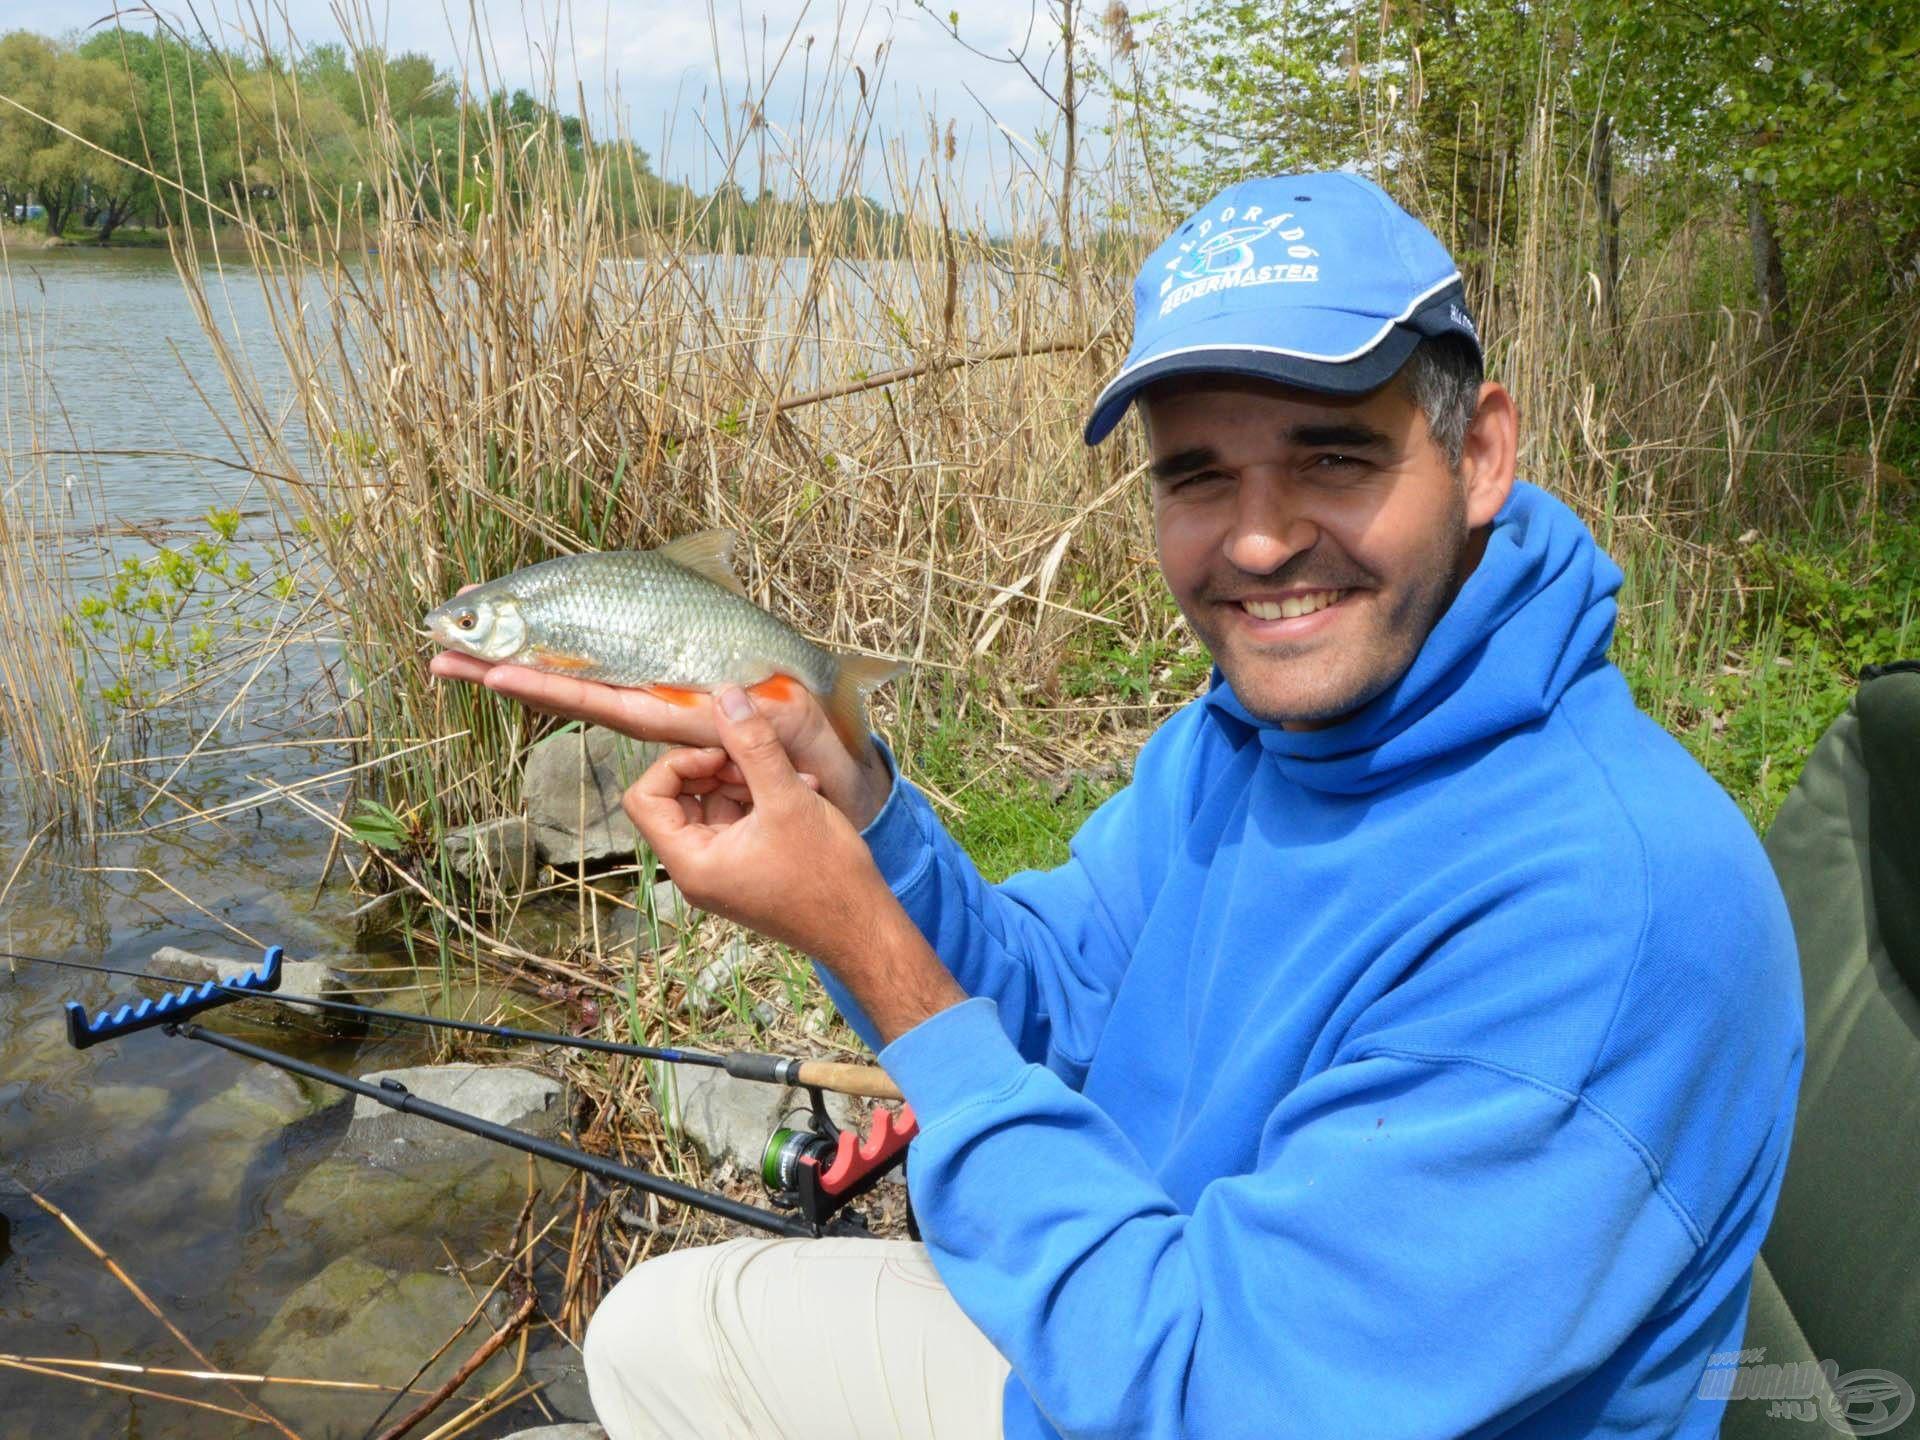 Ritkán horgászunk kifejezetten erre a halfajra!